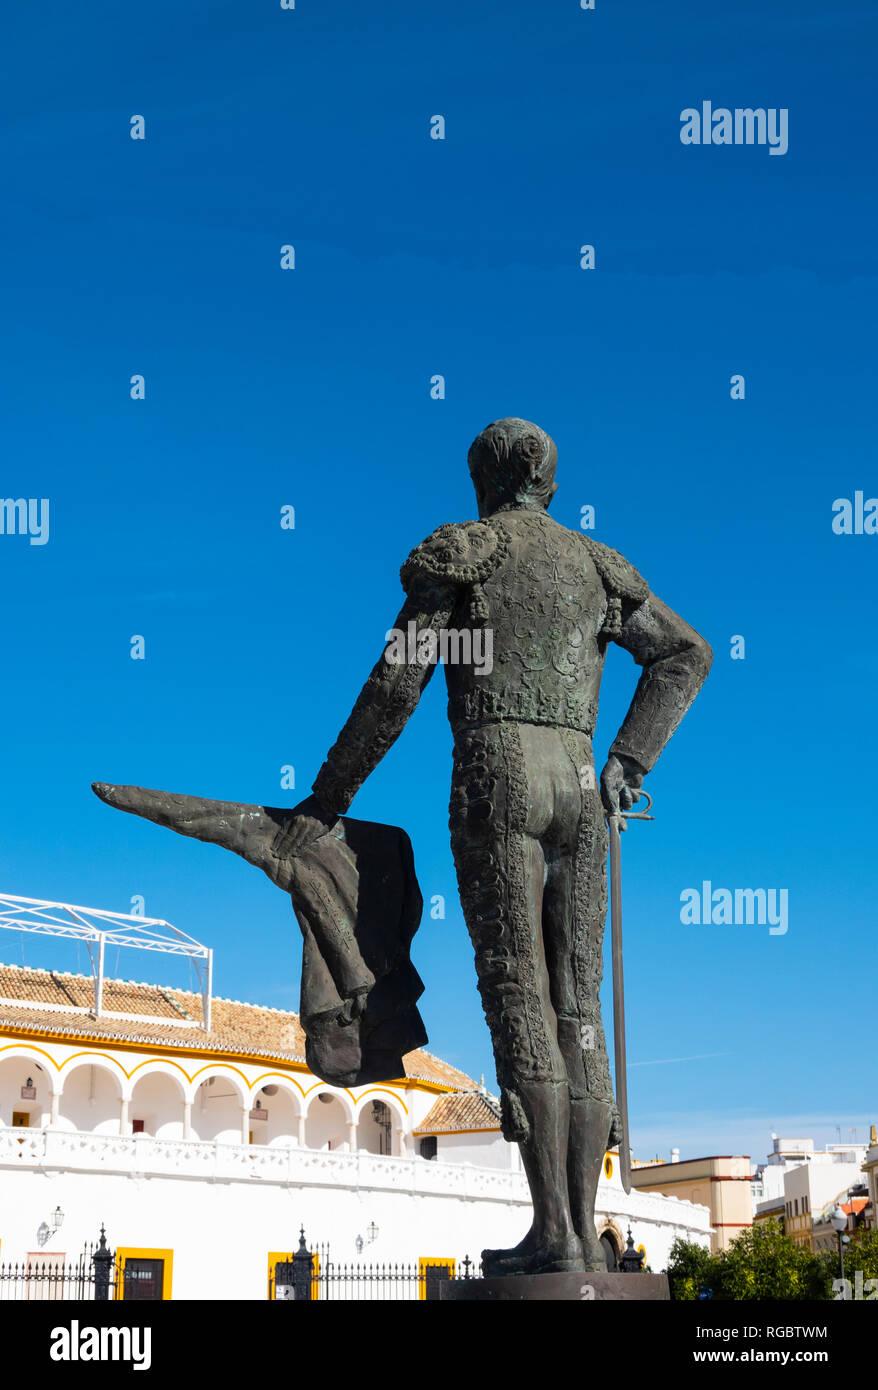 Statue of matador Pepe Luis Vazquez across from the Plaza de toros de la Real Maestranza de Caballería in Seville, Spain - Stock Image